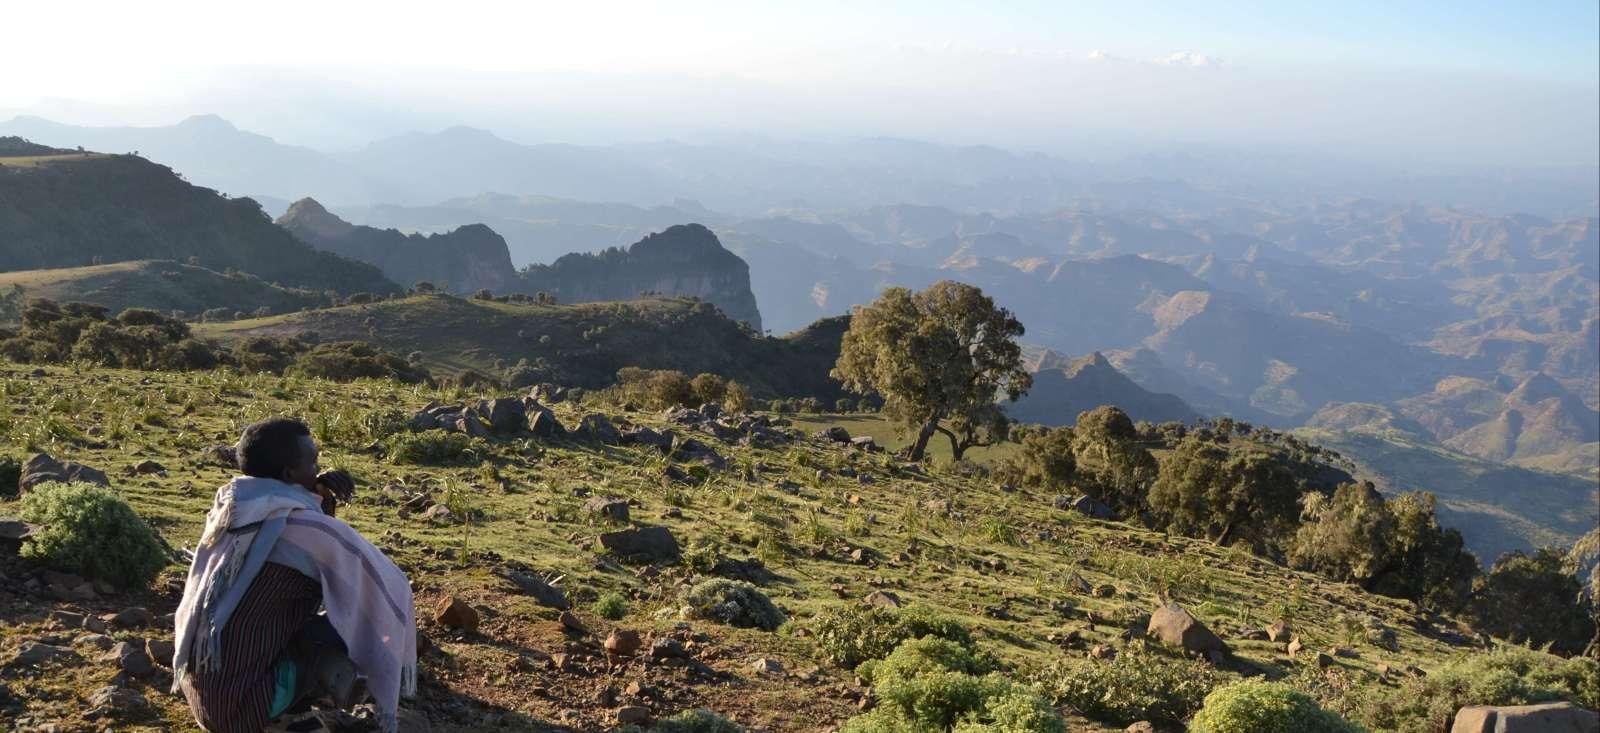 Voyage à pied : Grande randonnée dans le massif du Simien